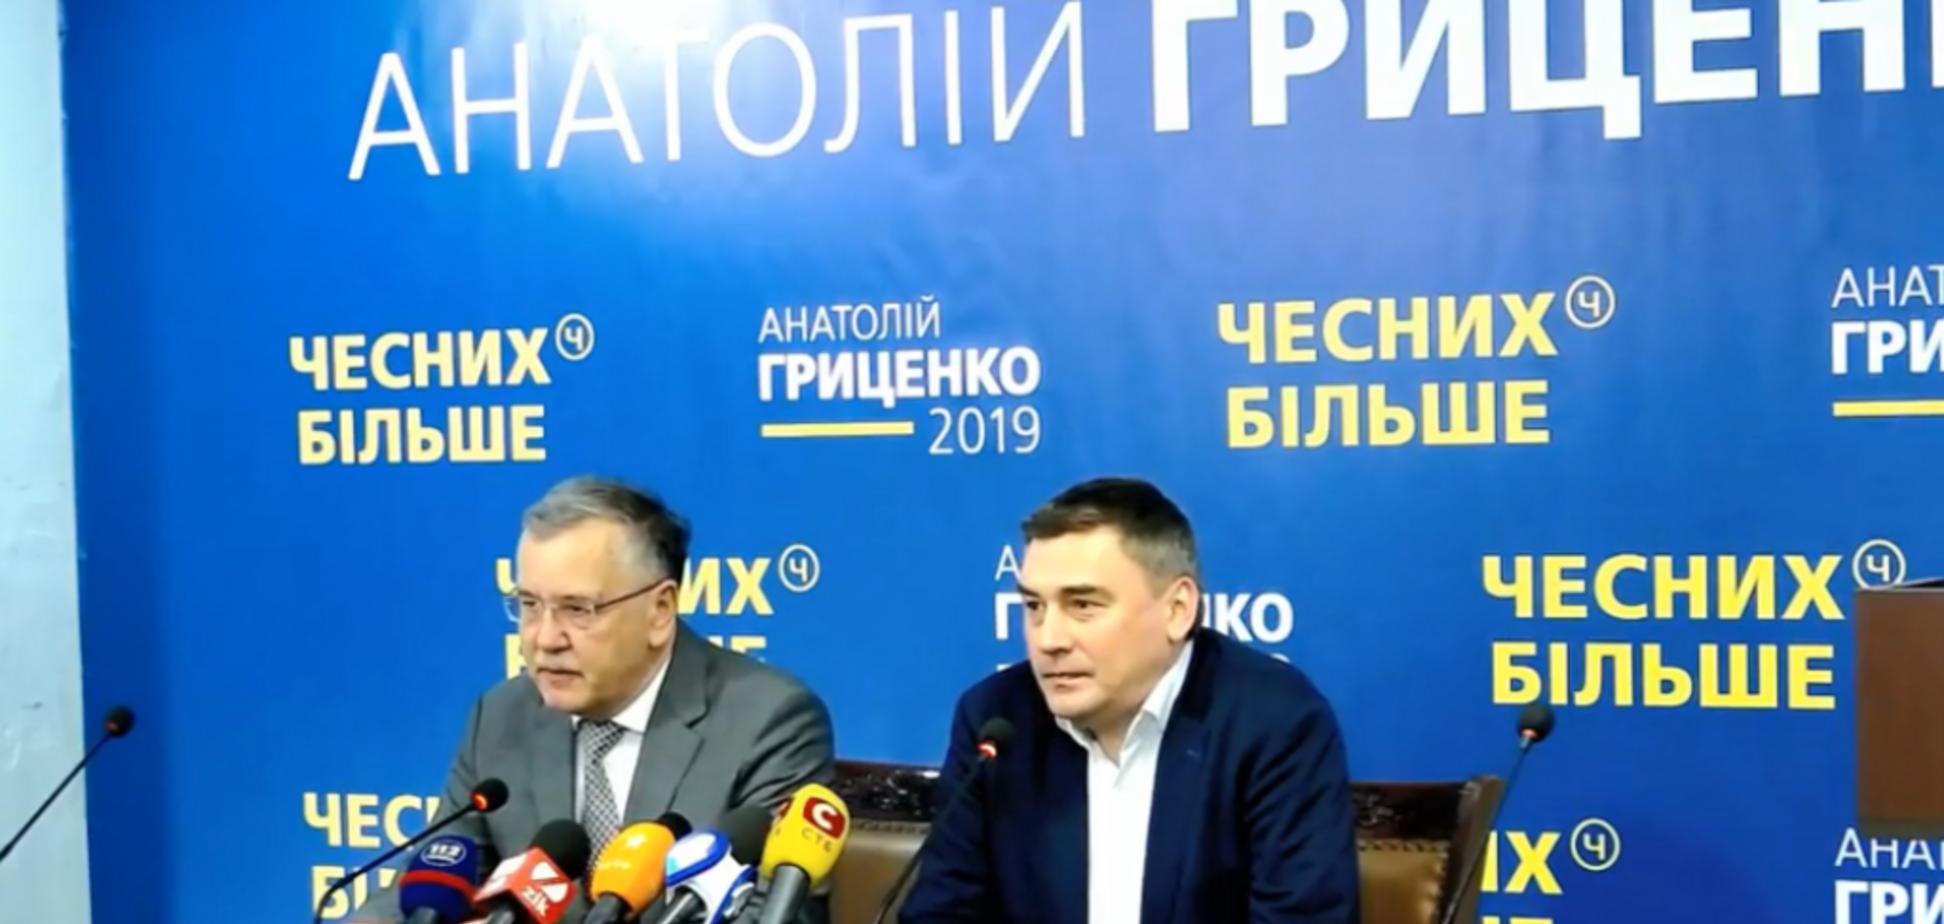 'Построим новую страну': Гриценко и Добродомов подписали меморандум